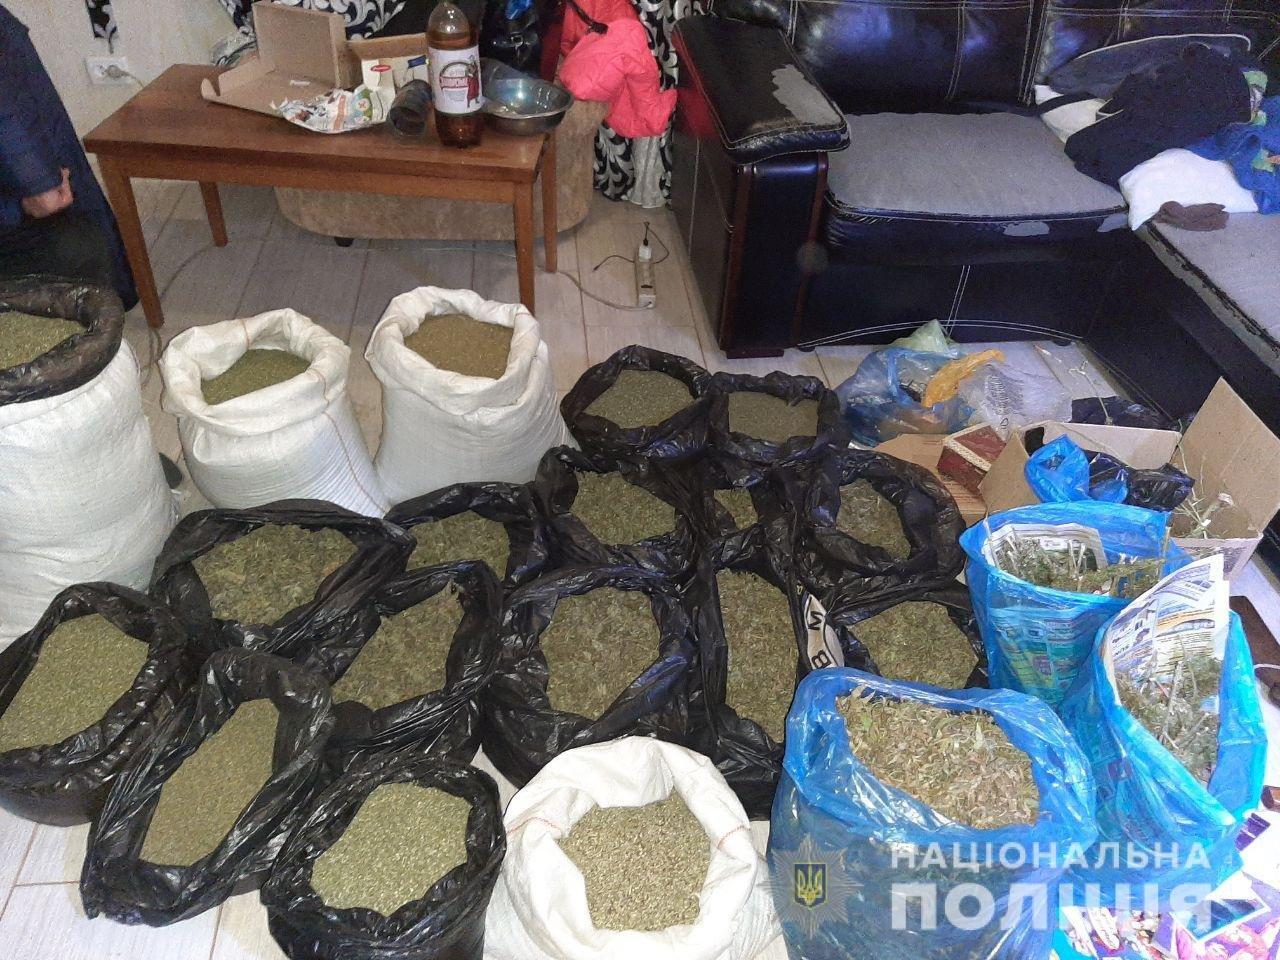 Сорок килограмм конопли на миллион гривен: под Харьковом силовики поймали экс-милиционера на продаже наркотиков, - ФОТО, фото-2